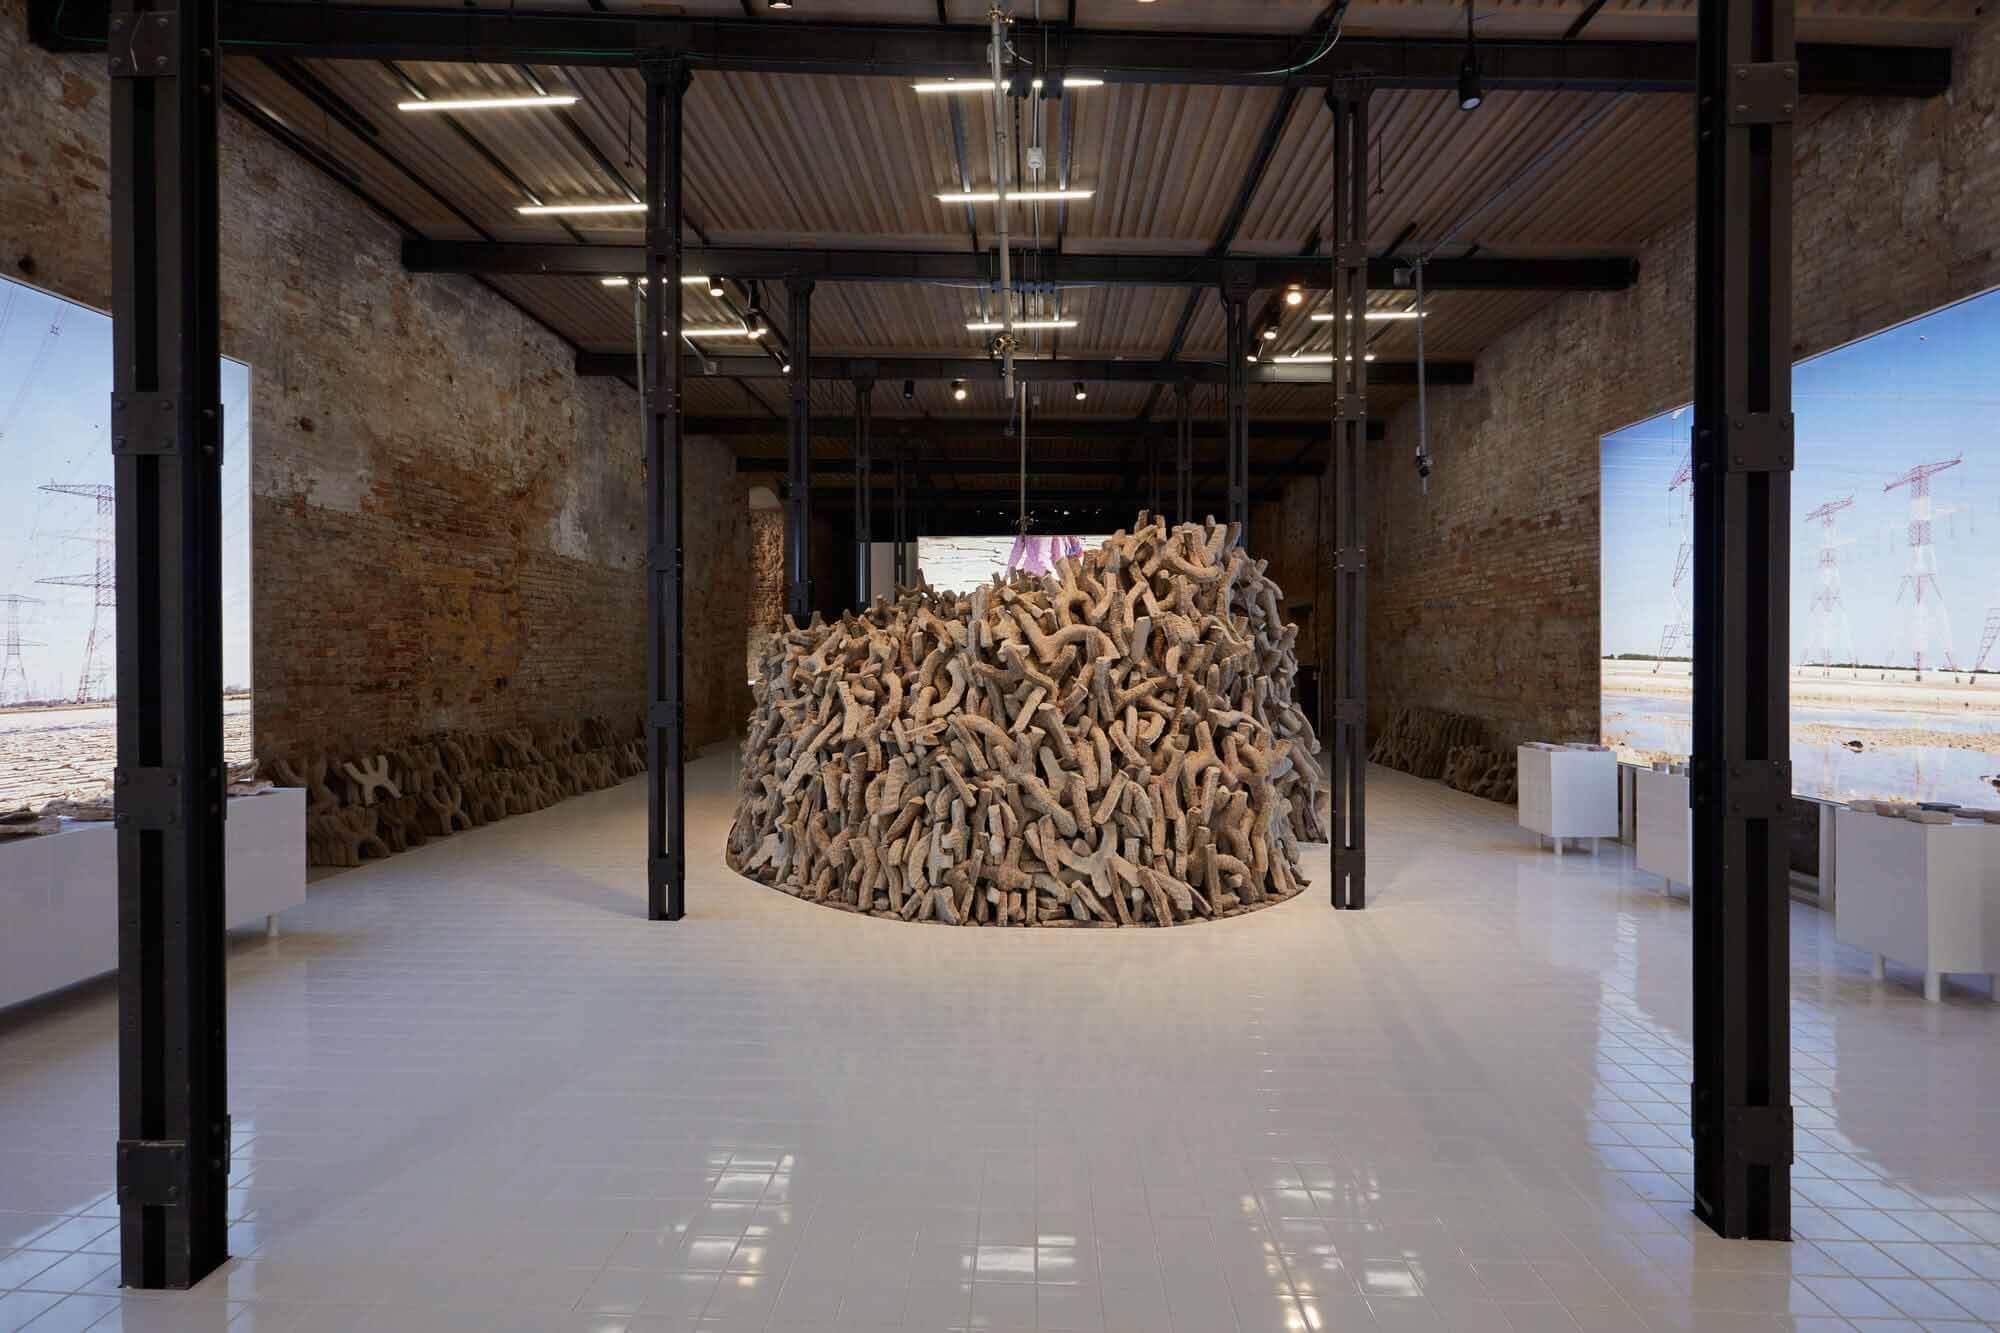 ОАЭ / Водно-болотные угодья выиграли Золотого льва за лучшее национальное участие на Венецианской биеннале 2021 года